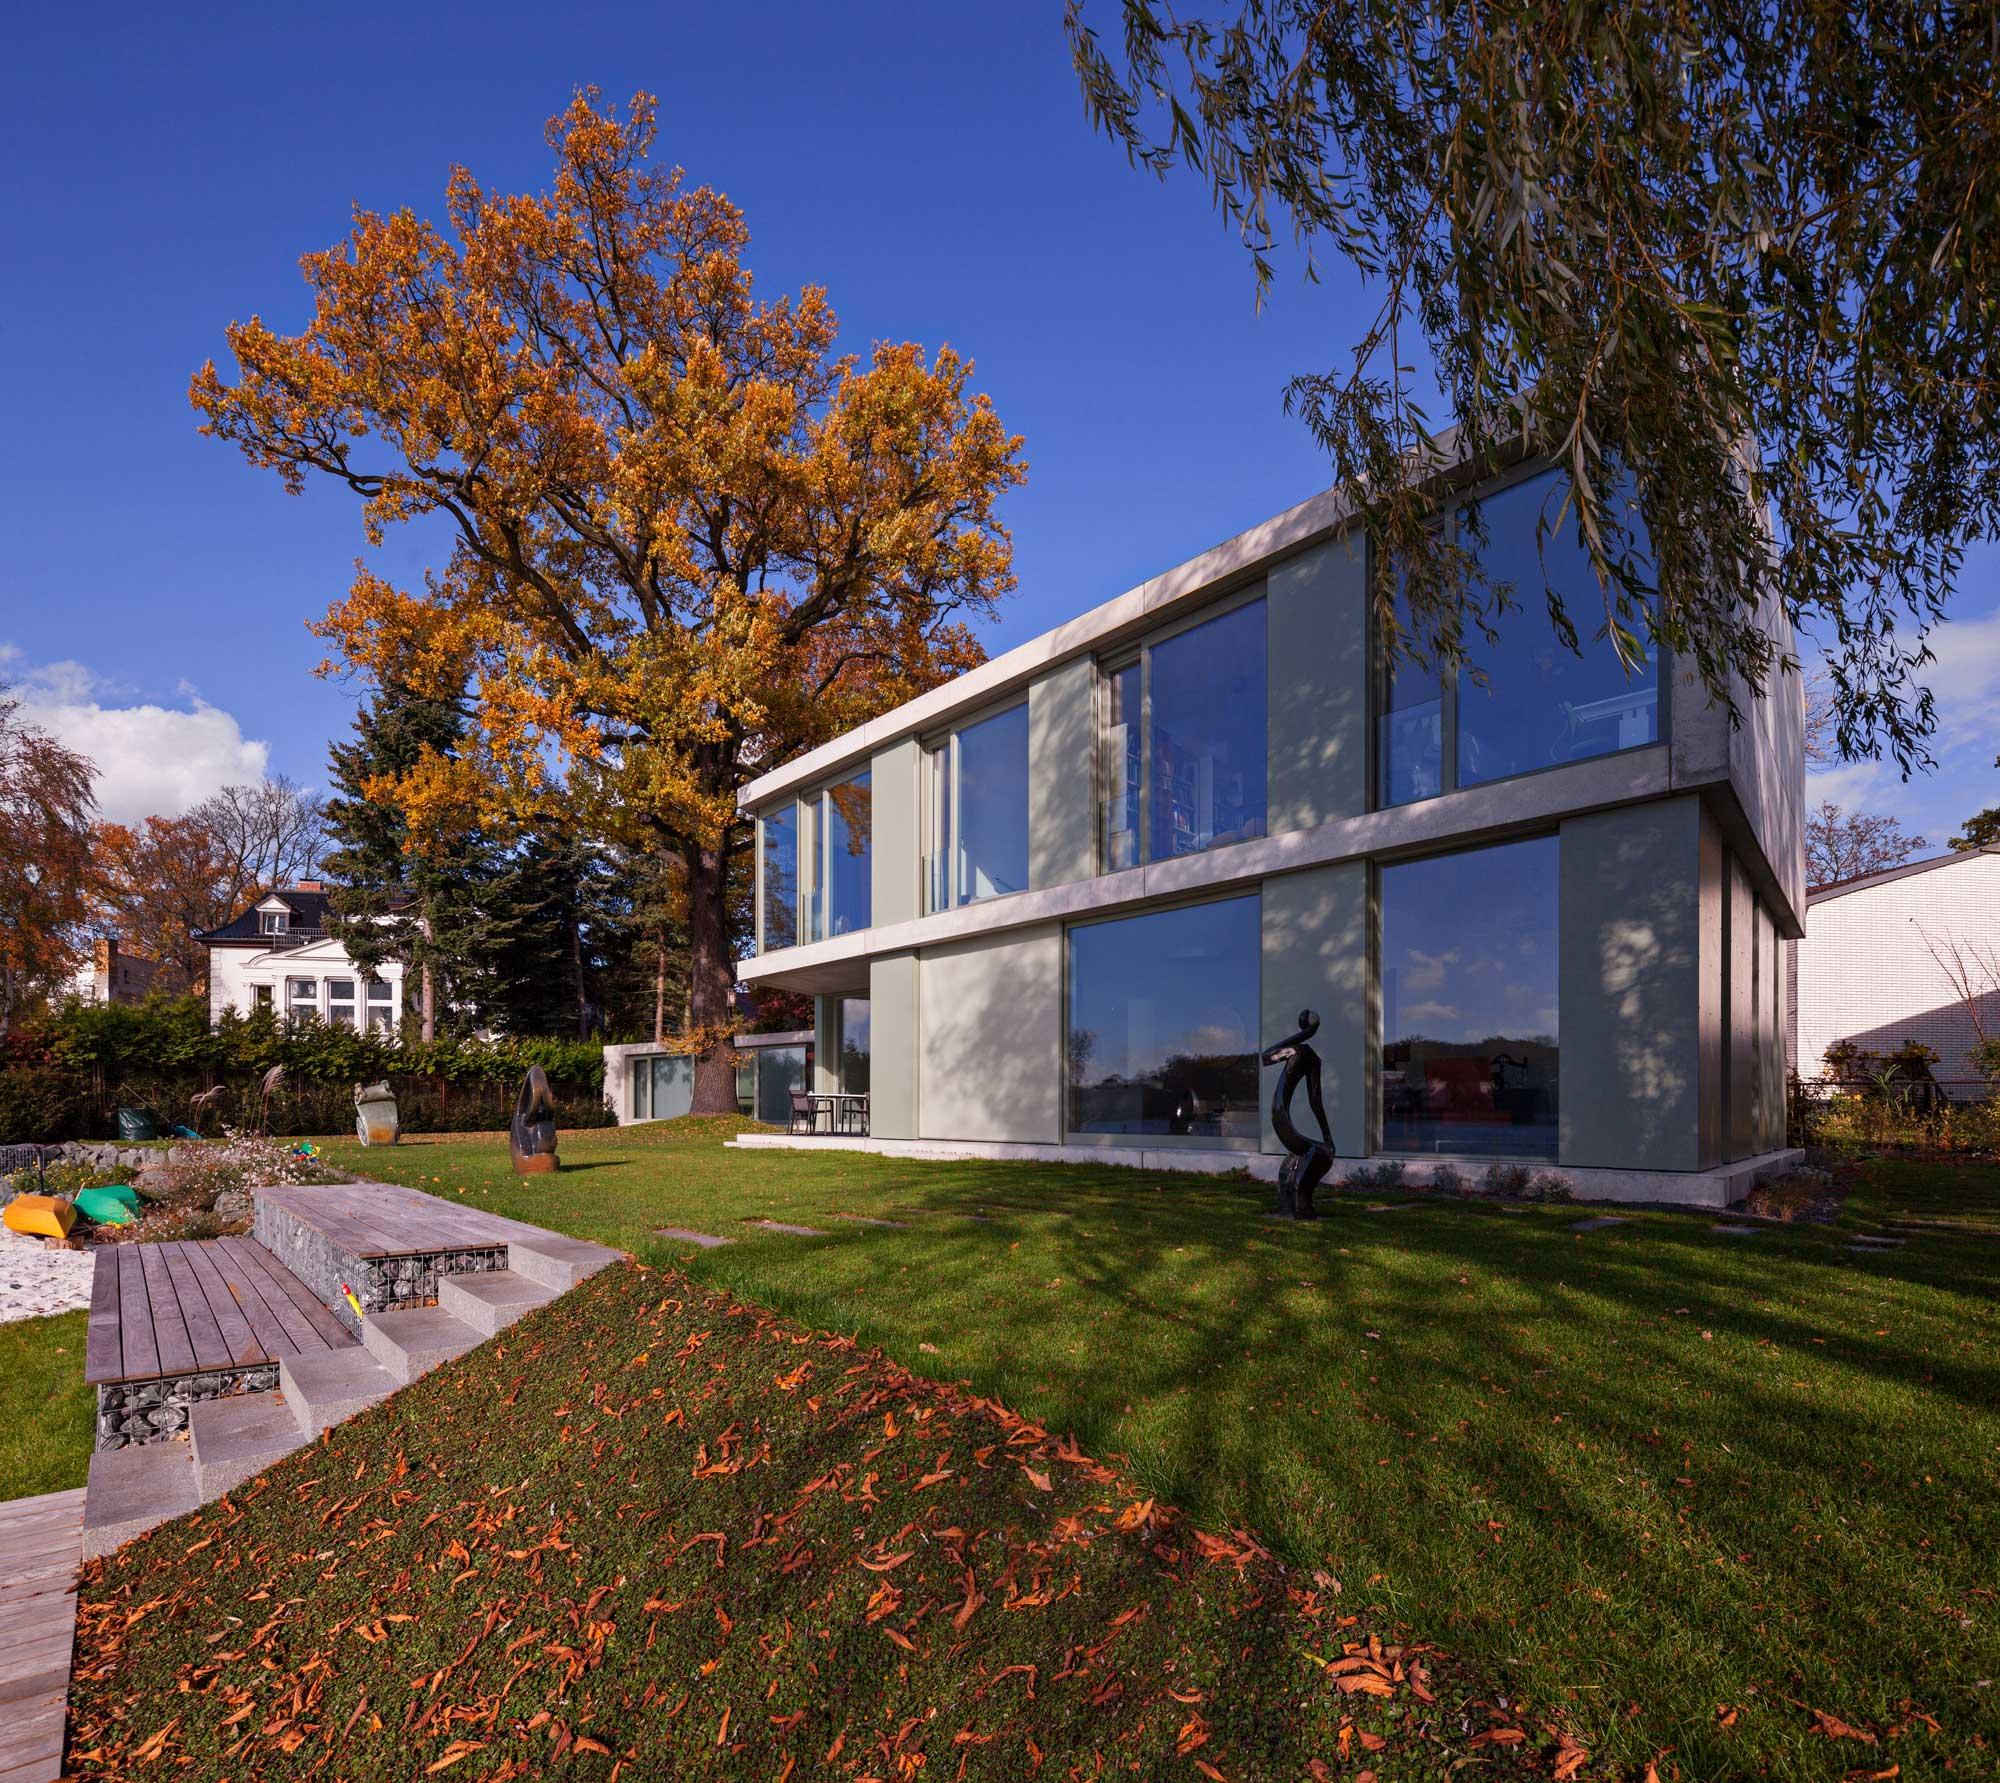 Das Projekt Dahmenblick vom Architekturbüro ambrus+co plan.werk gmbh